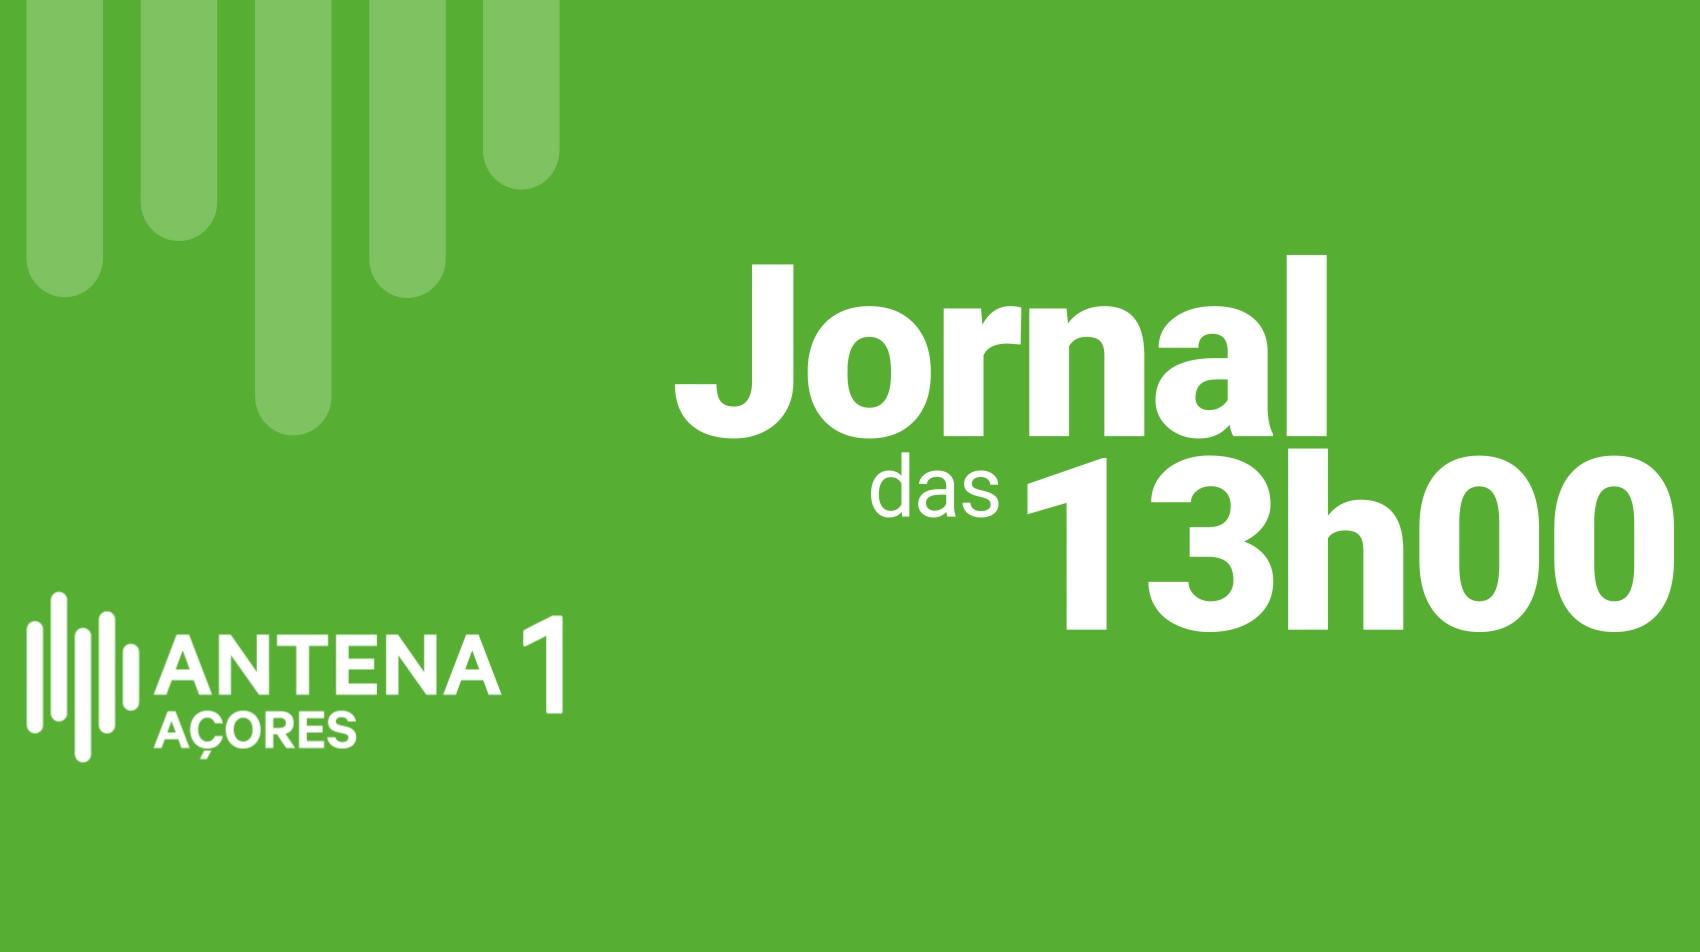 Jornal das 13h00 (Açores)